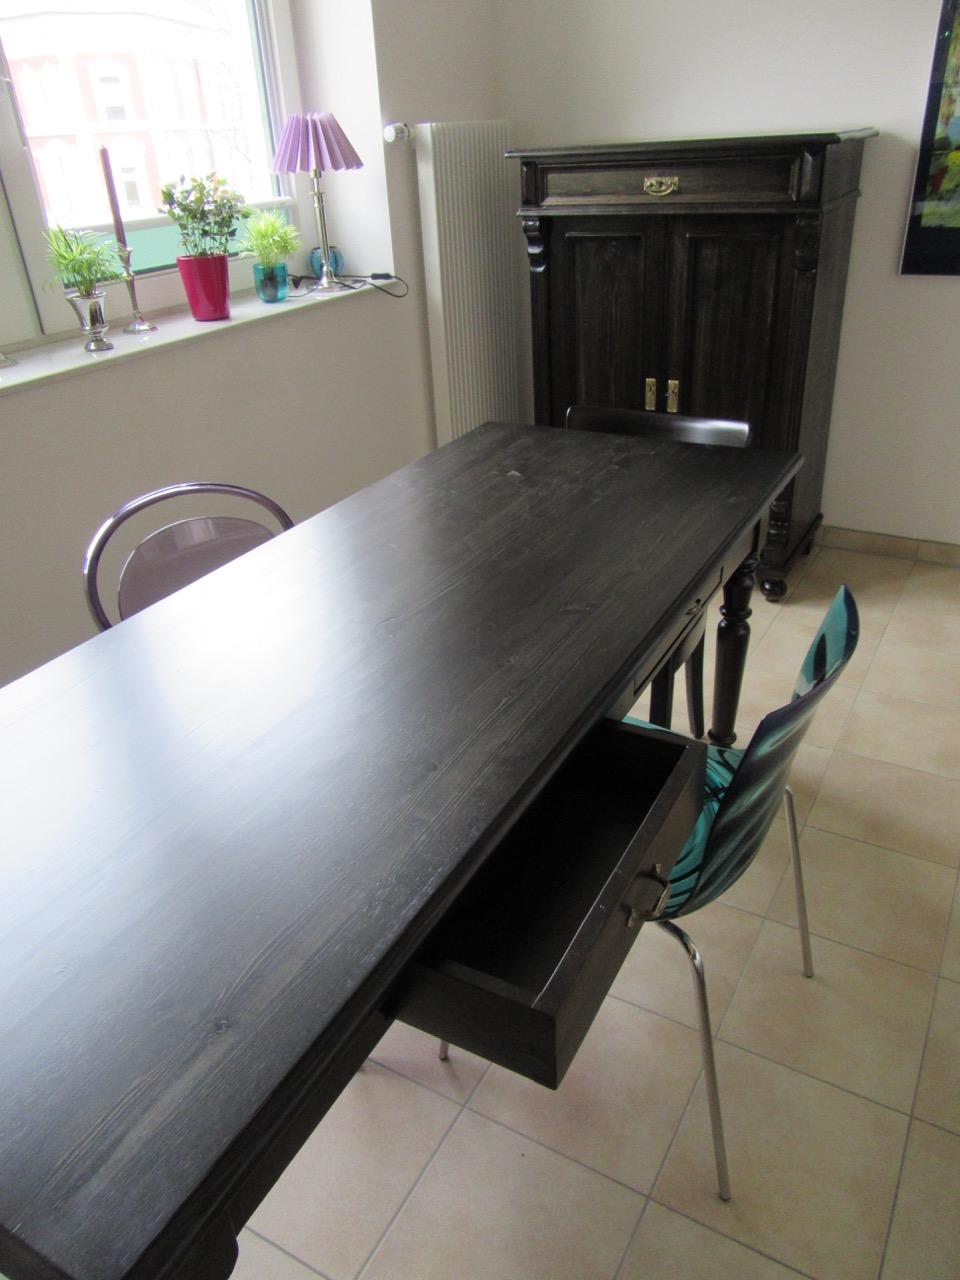 reeseberg tischlerei holzwerkstatt helmeke tischler und m belbau in hamburg harburg. Black Bedroom Furniture Sets. Home Design Ideas